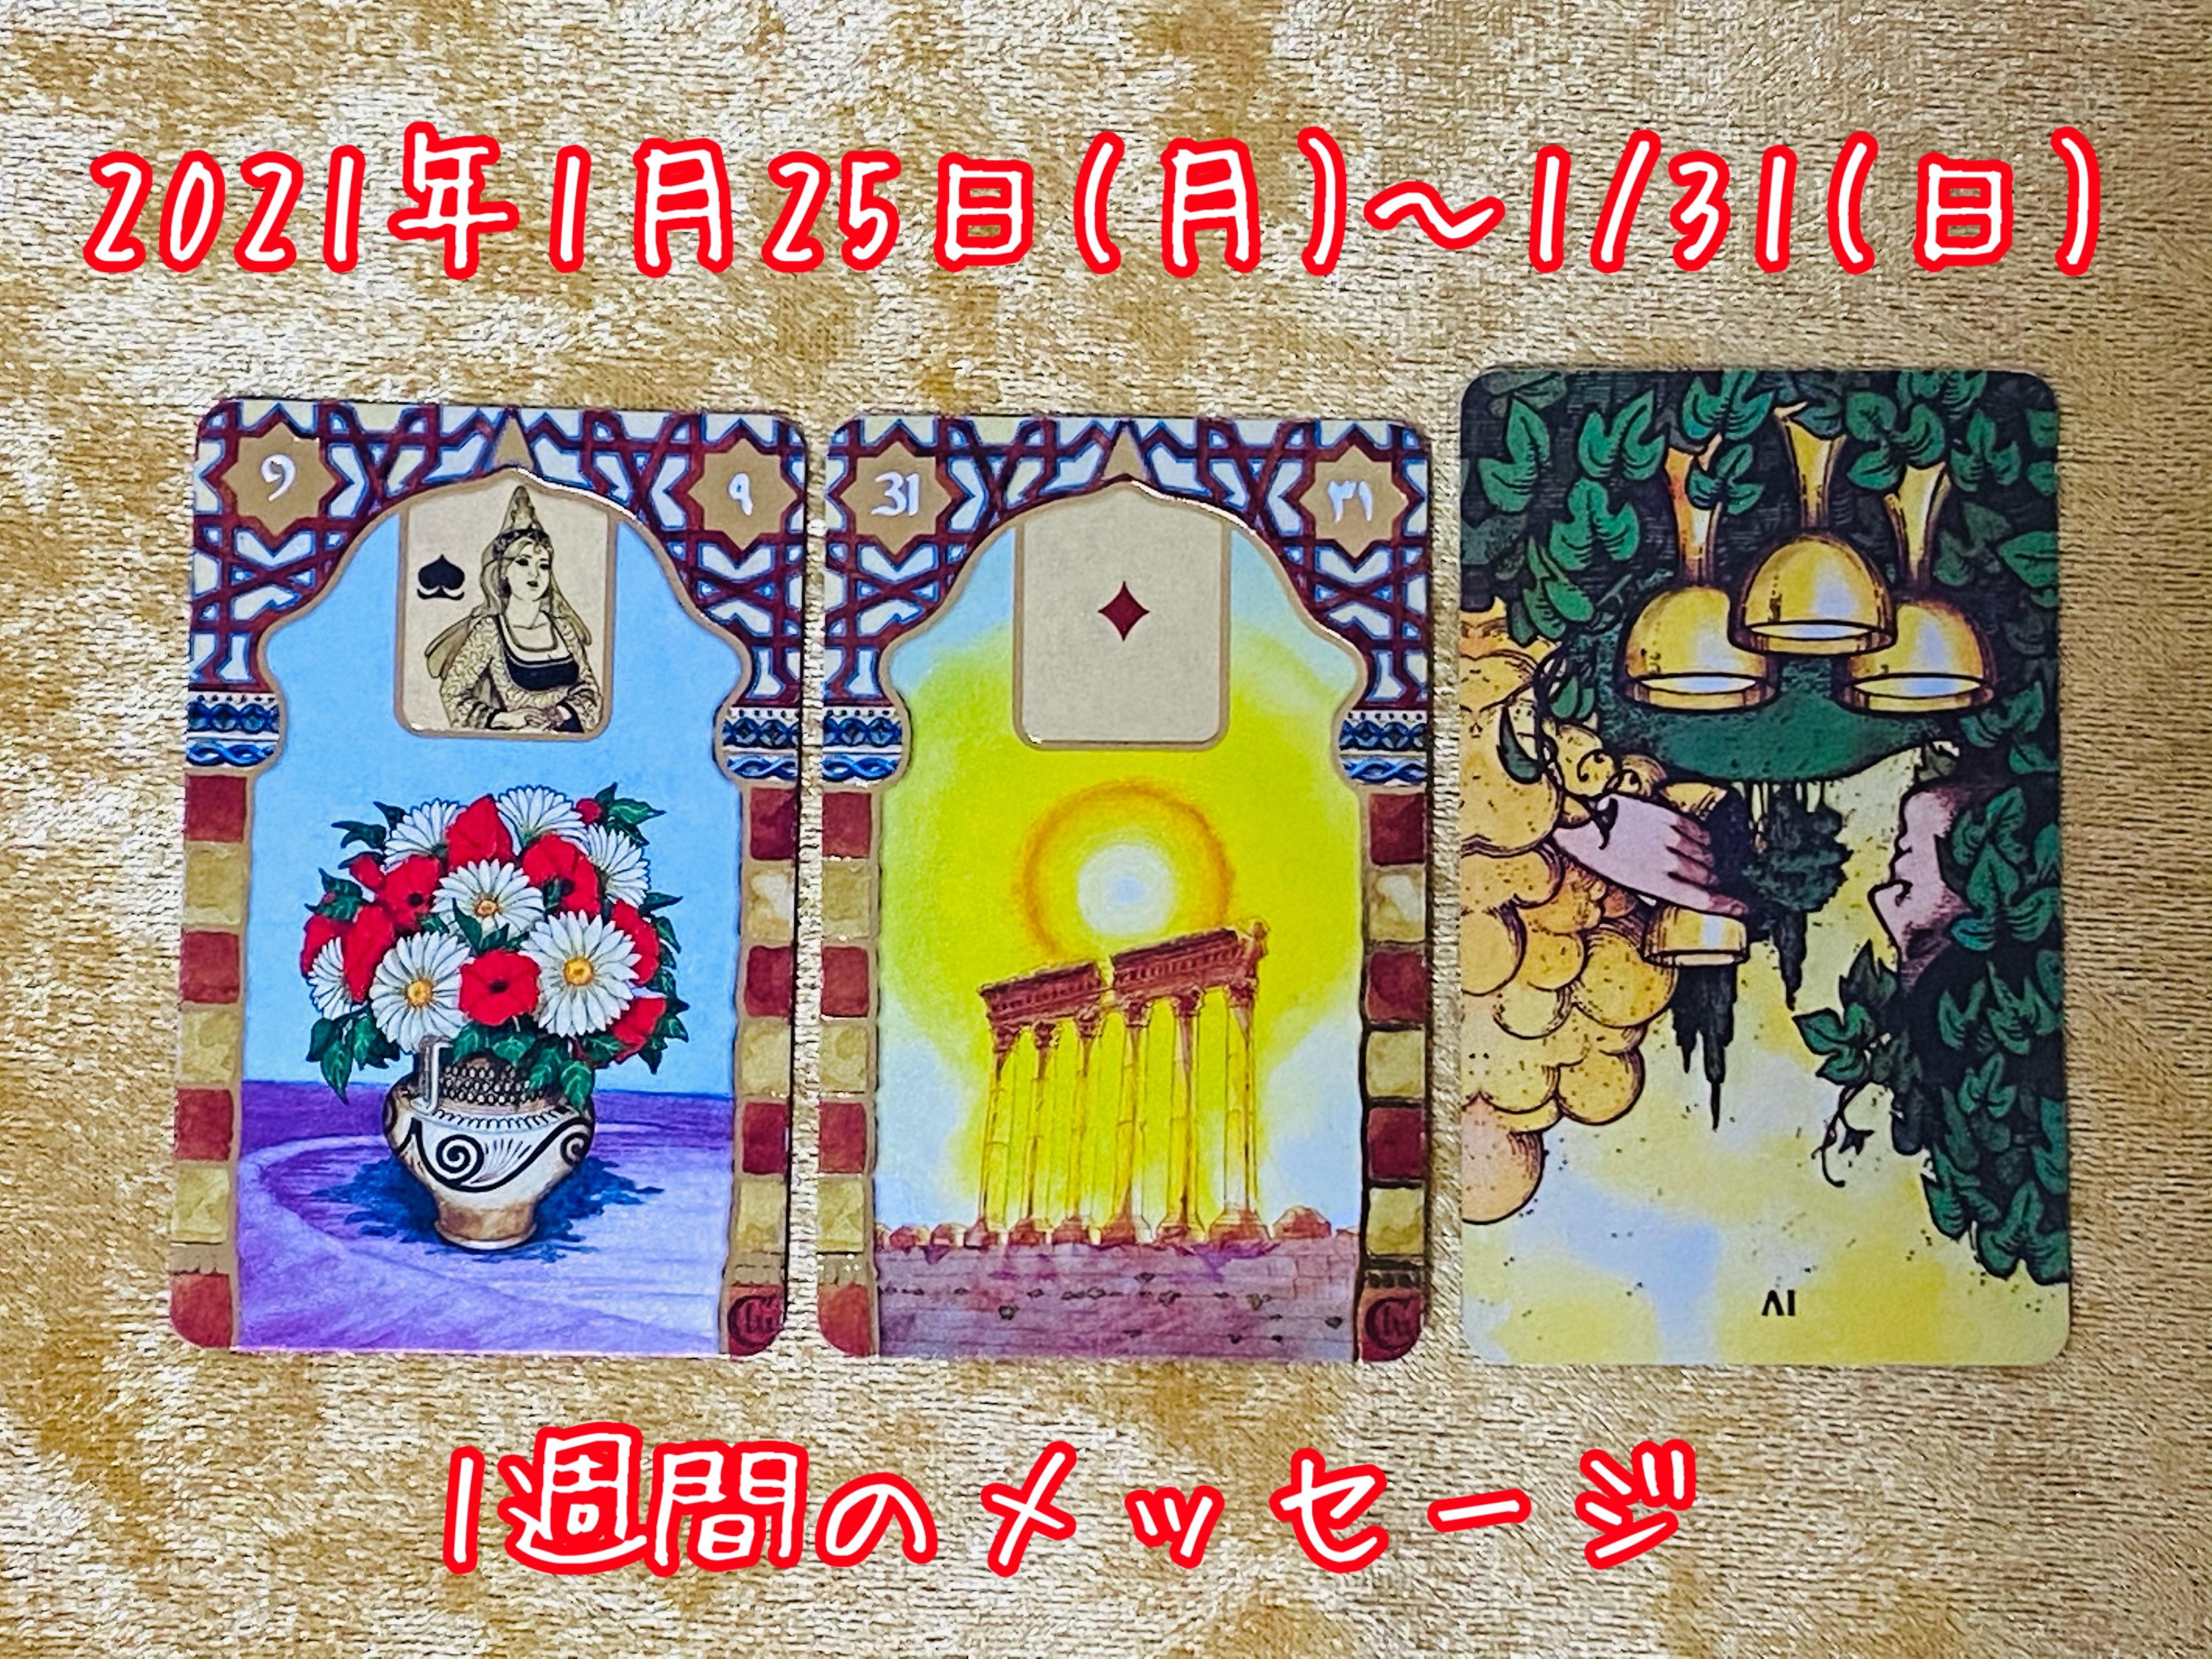 f:id:hana_su-hi:20210124194510j:image